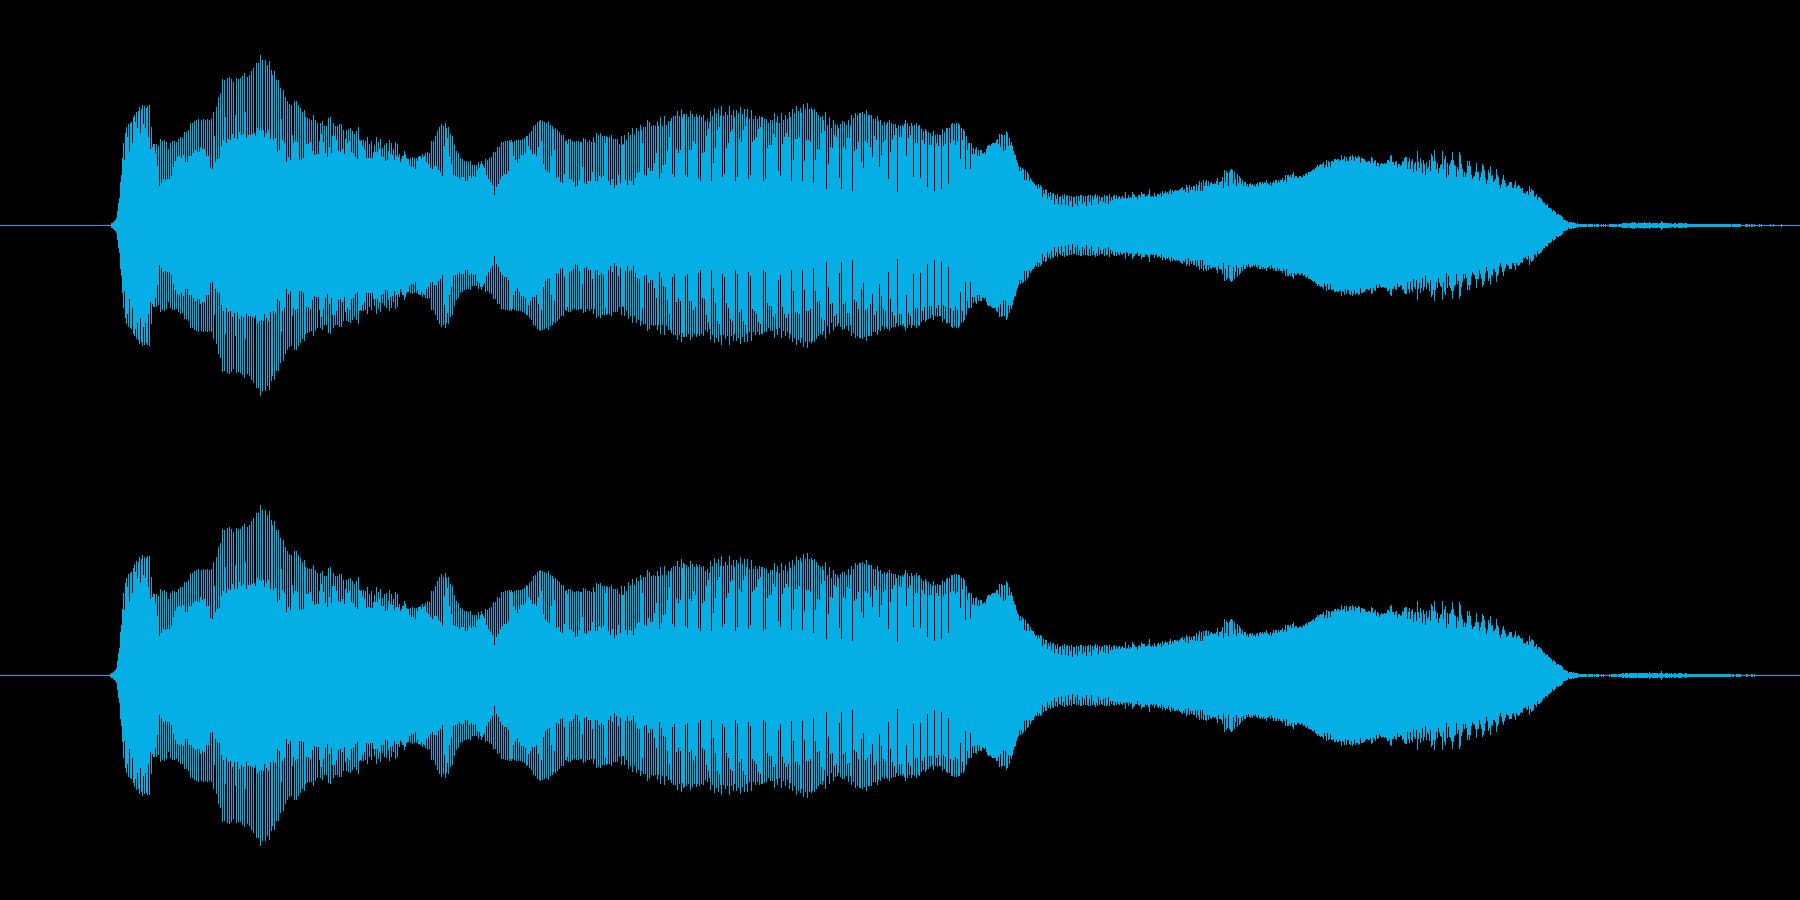 「かーわーいー!」の再生済みの波形